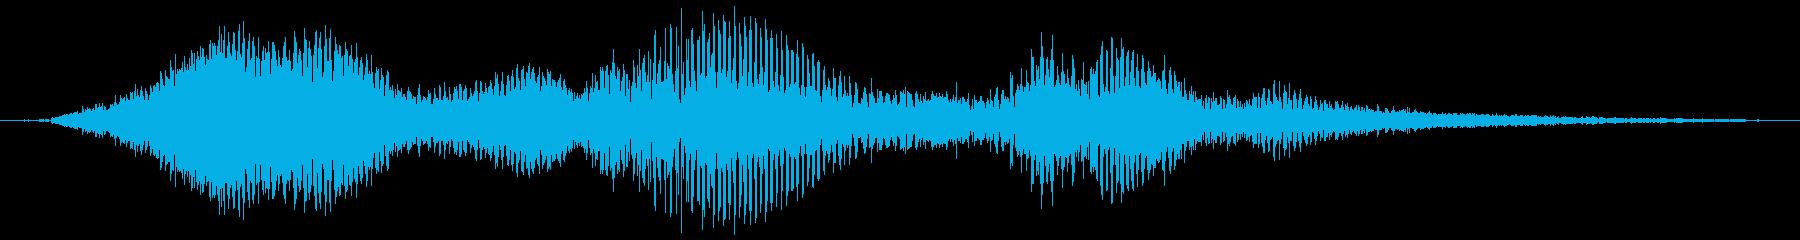 奇妙なレーザーサージの再生済みの波形